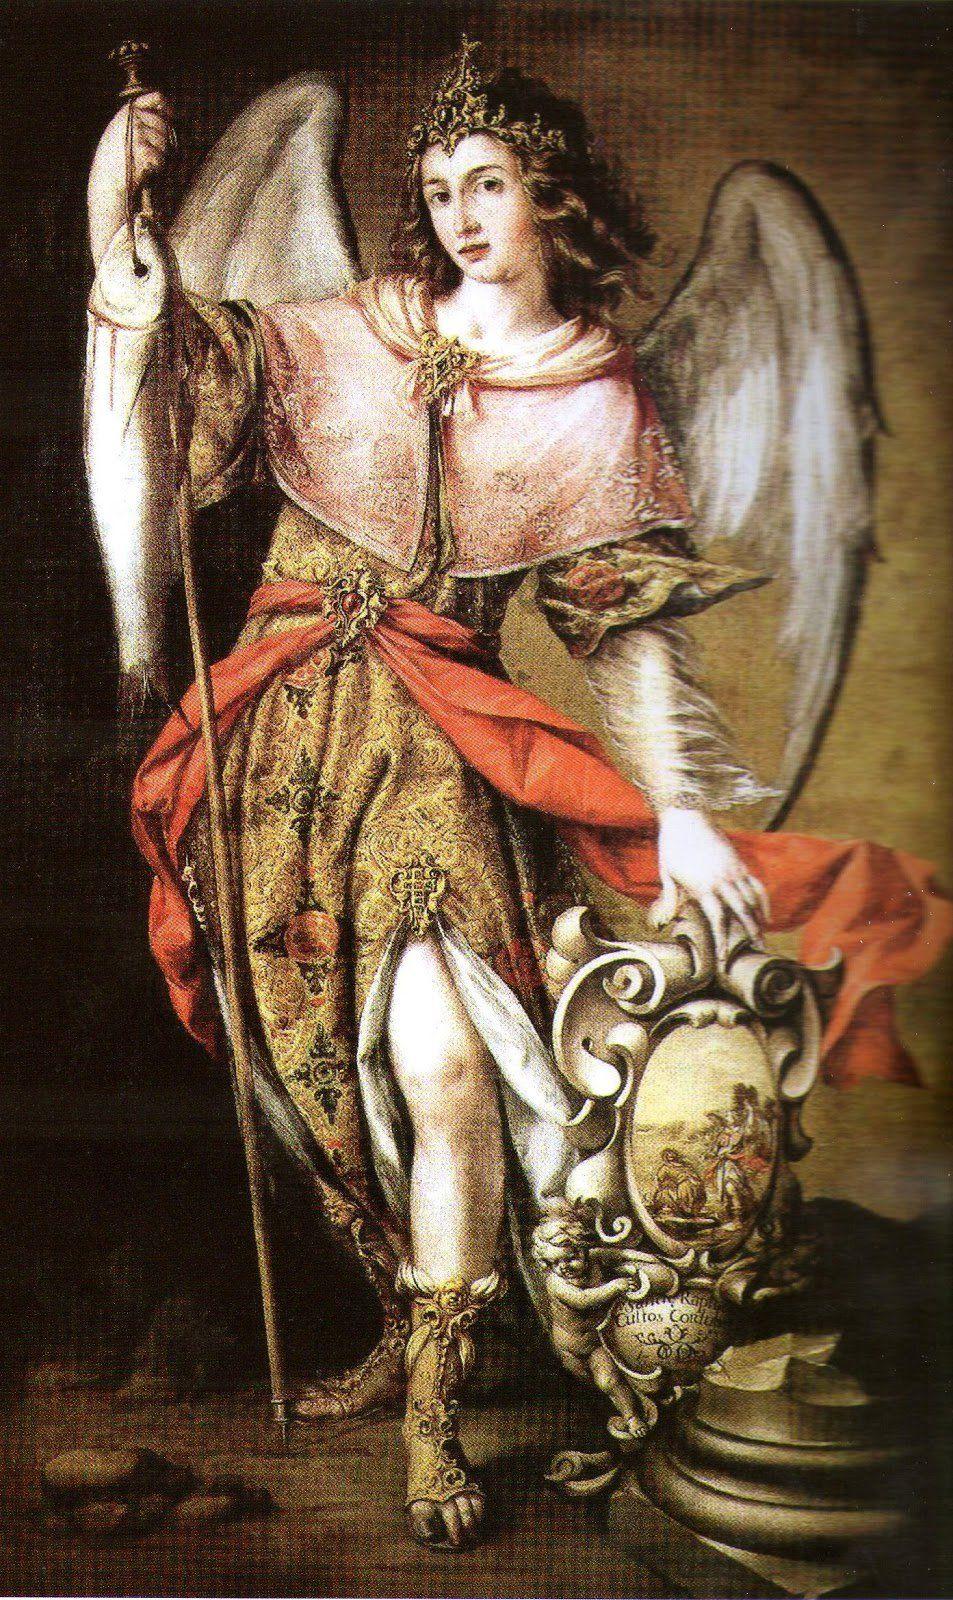 Arcangel Follando oración a san rafael arcángel para la sanación (con imágenes